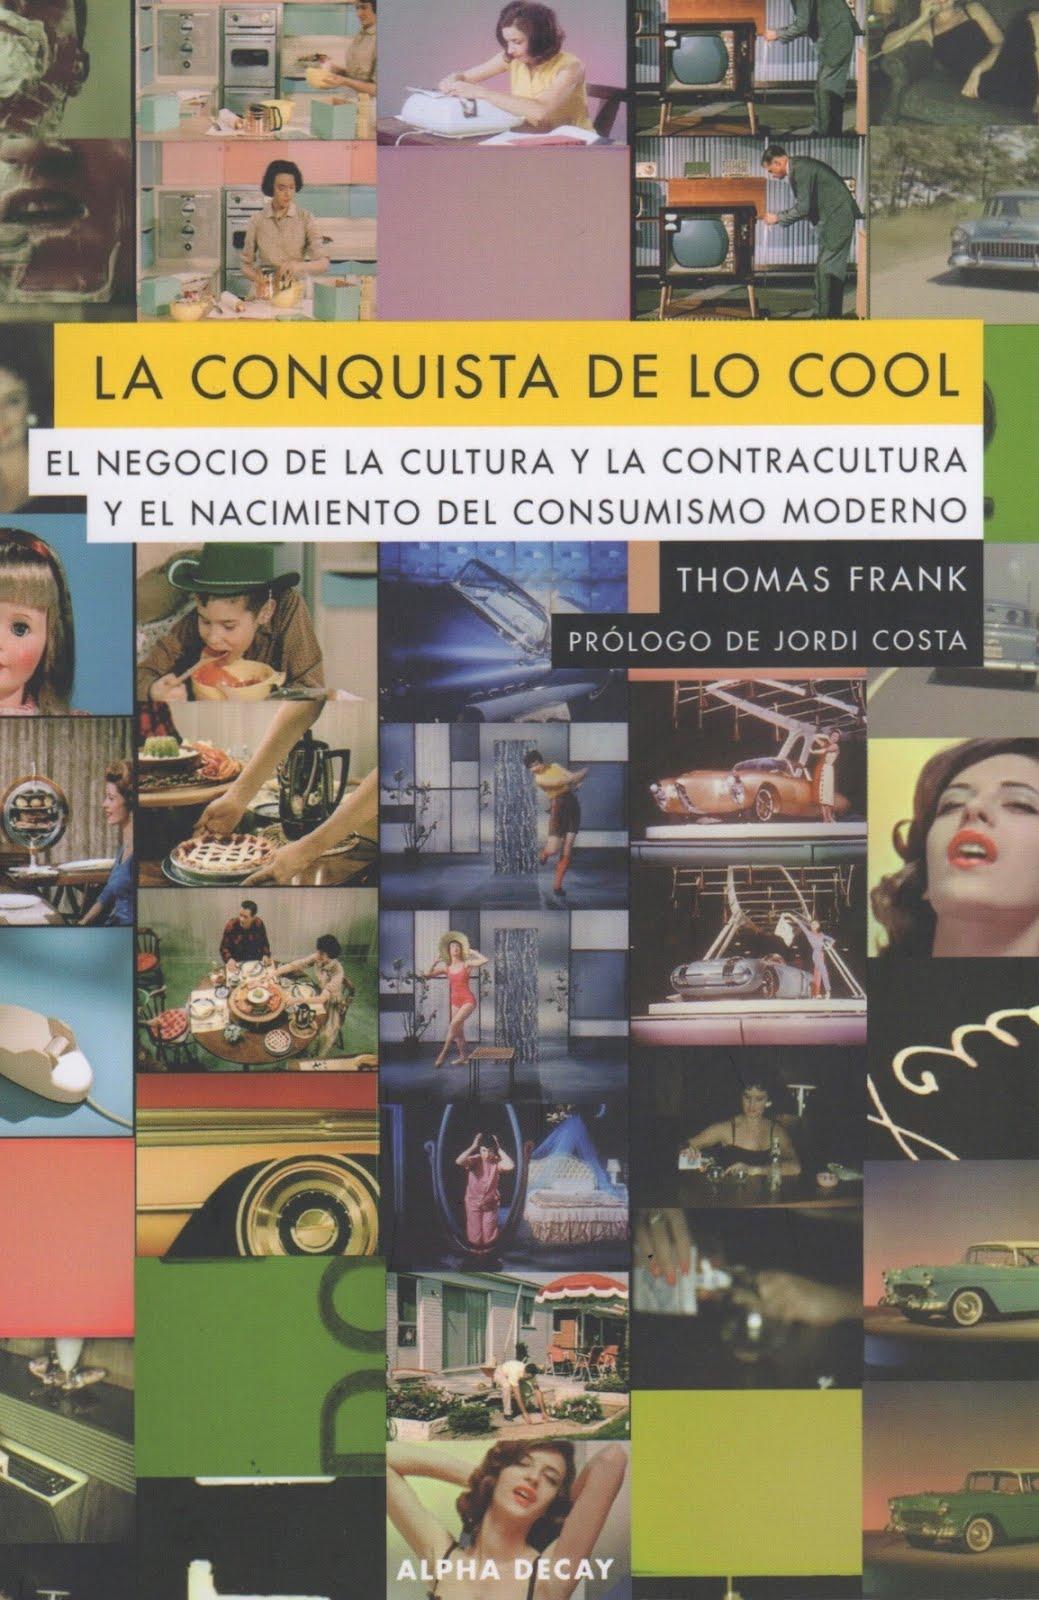 Thomas Frank (La conquista de lo cool) El negocio de la cultura y la contracultura y el ...